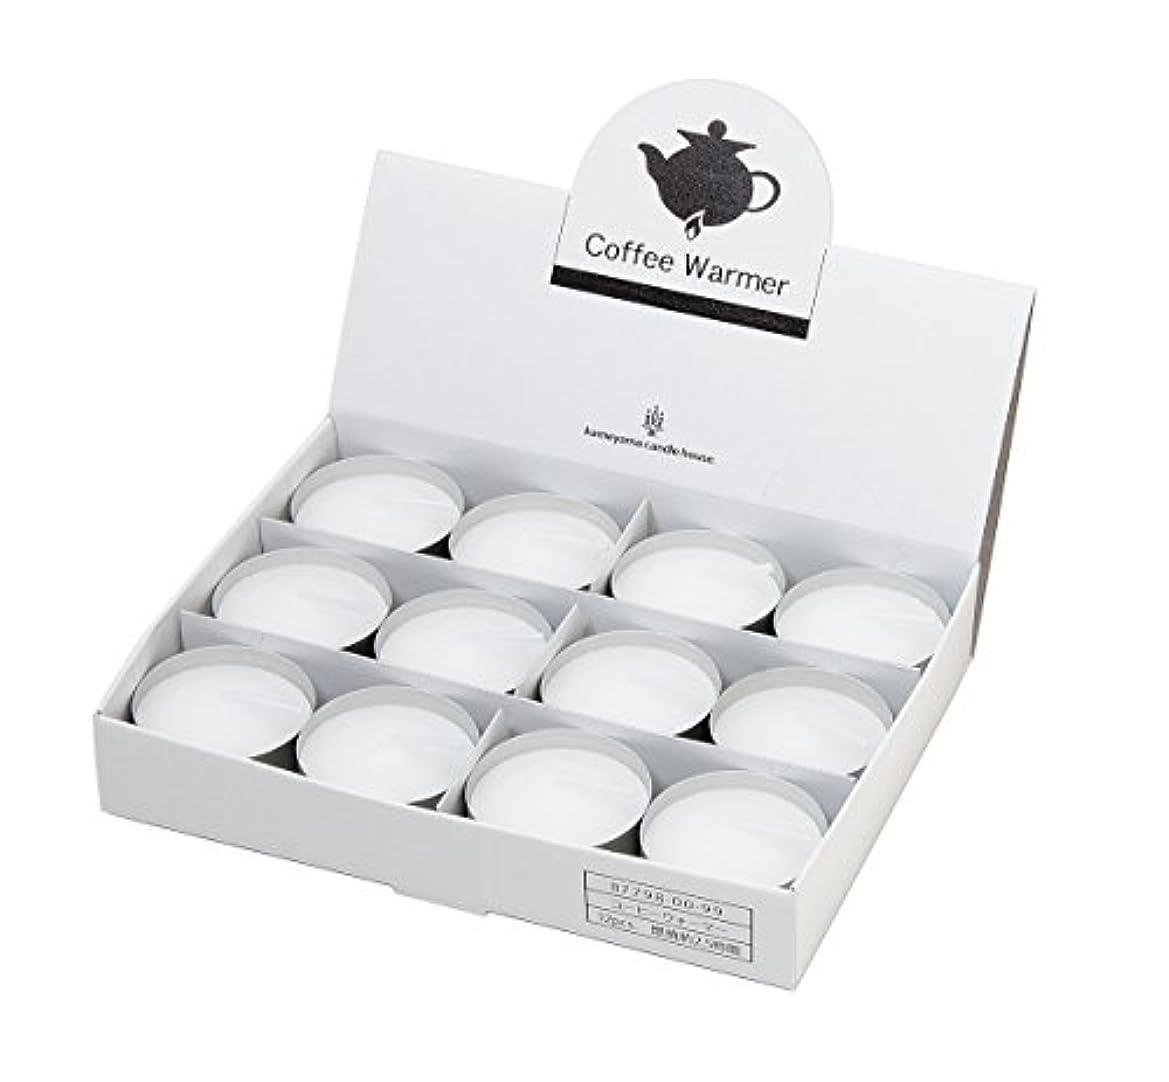 動詞サミュエル判定カメヤマキャンドルハウス チョコレートフォンデュなどにもおすすめ 大きめ炎で保温できる コーヒーウォーマーキャンドル(1箱12個入) 燃焼時間約2時間30分